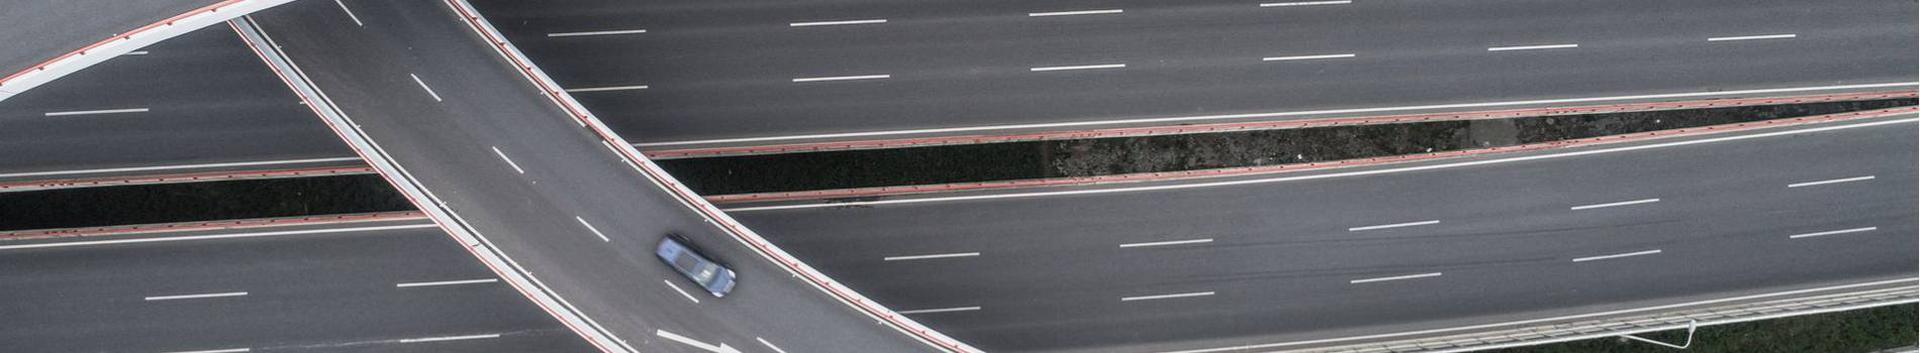 42111_teede-ehitus_19473642_xl.jpg